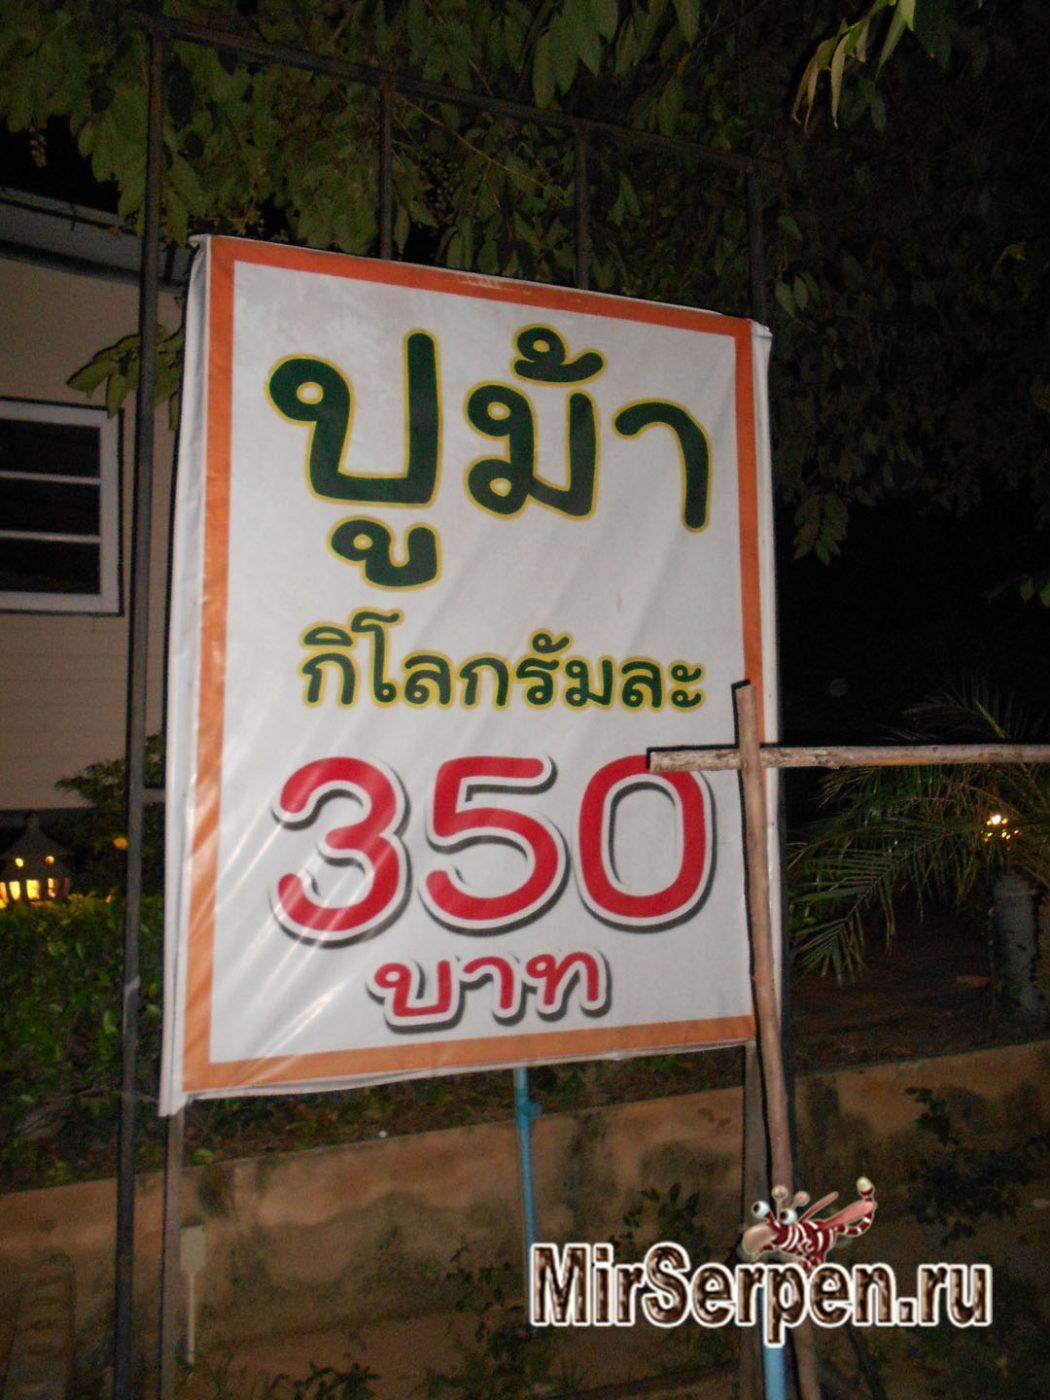 Я знаю три слова... всего лишь три слова... О том, как найти общий язык с тайцами